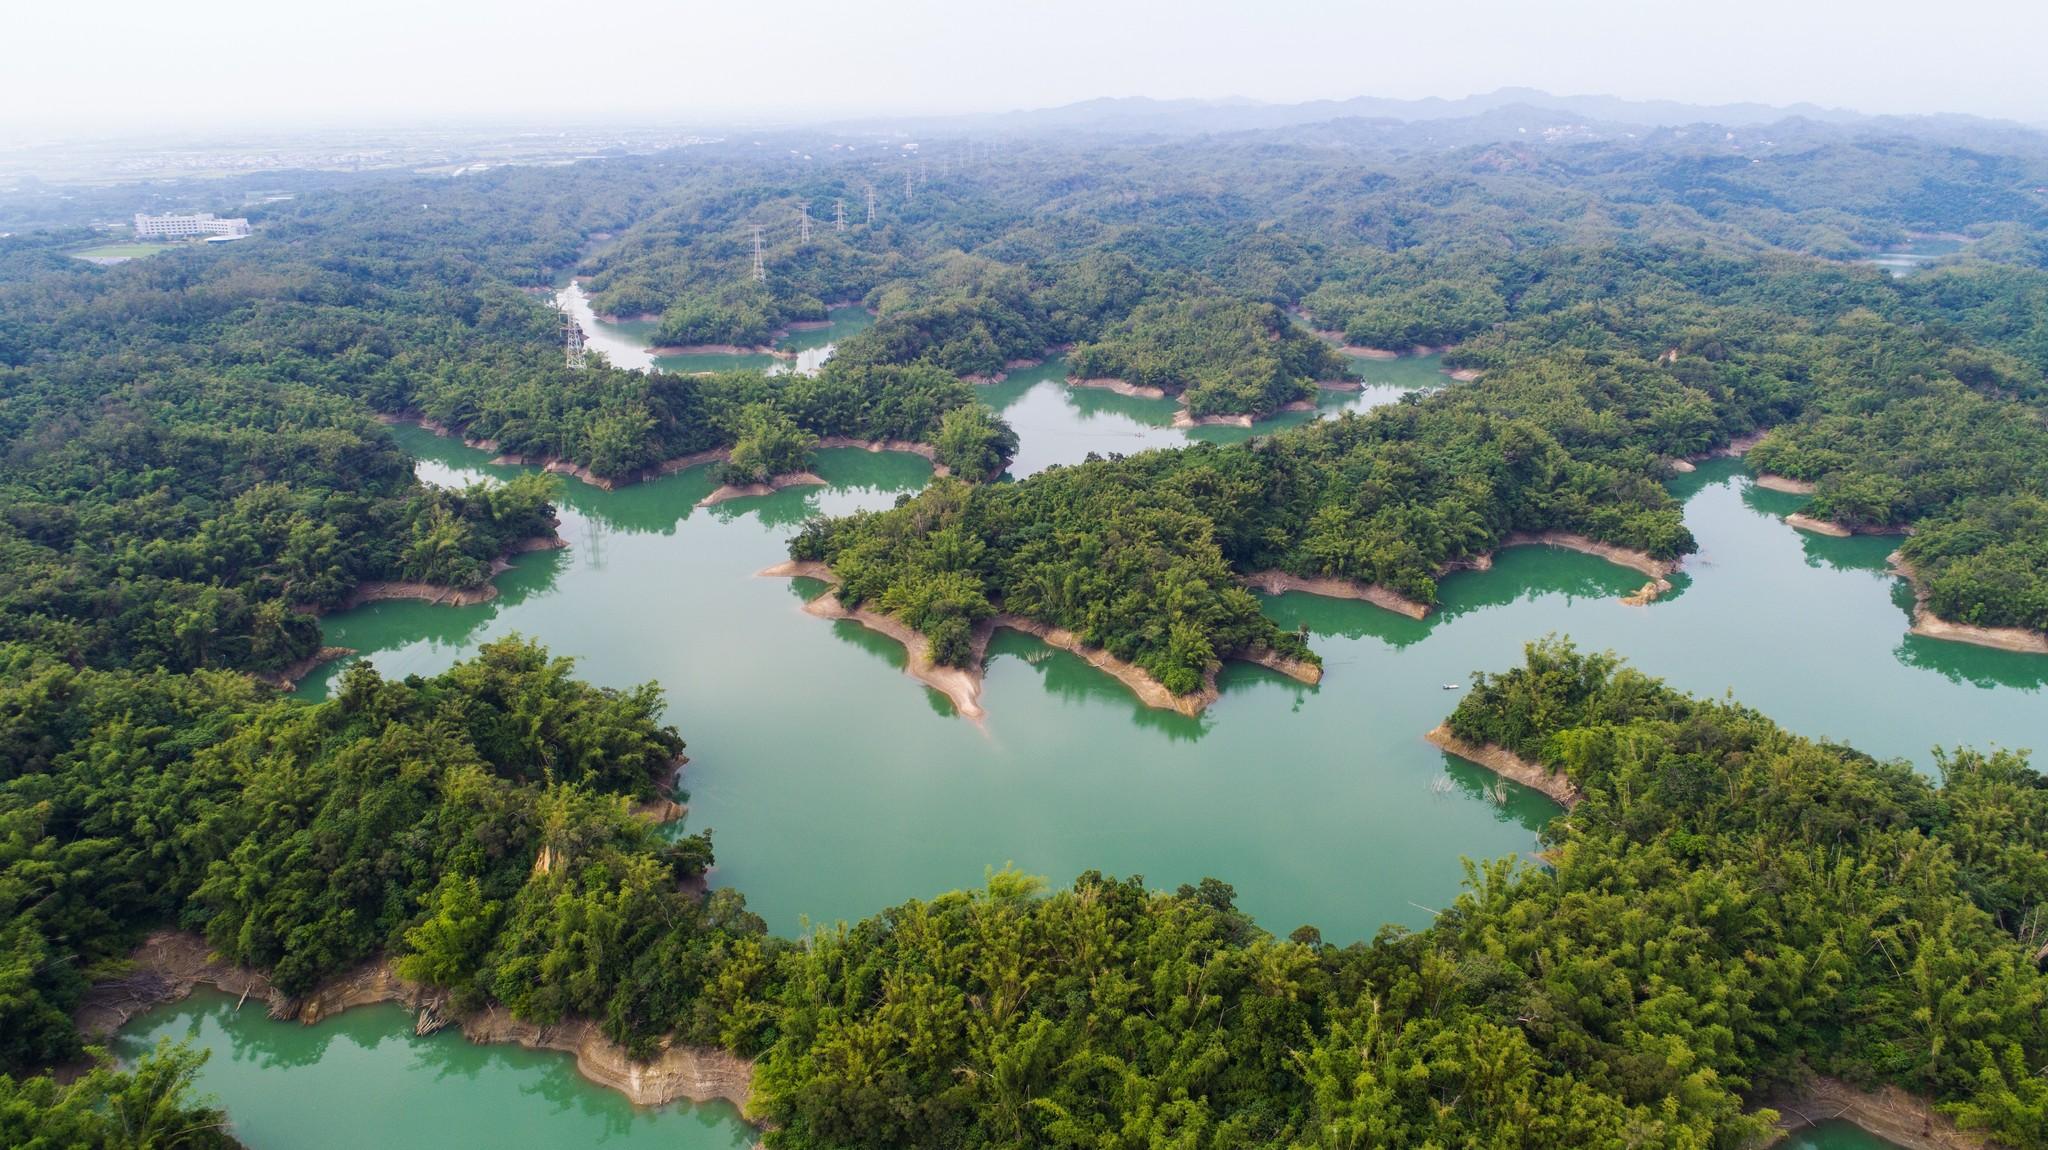 烏山頭ダム=Guanting Chen/Wikimedia Commons